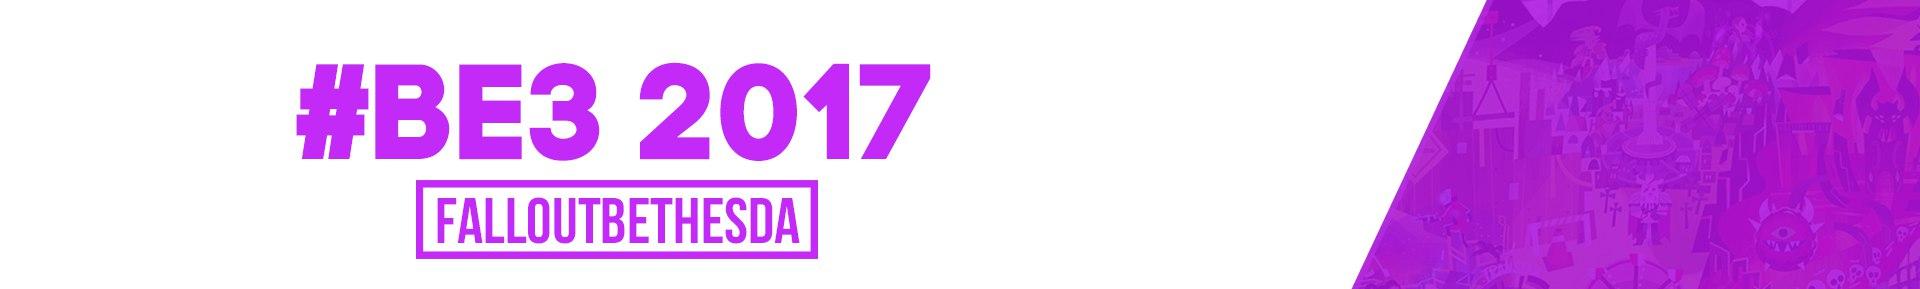 Уже совсем скоро стартует главная игровая выставка этого года - BE3 2017 и одной из самых ожидаемых конференций является представление компании Bethesda.